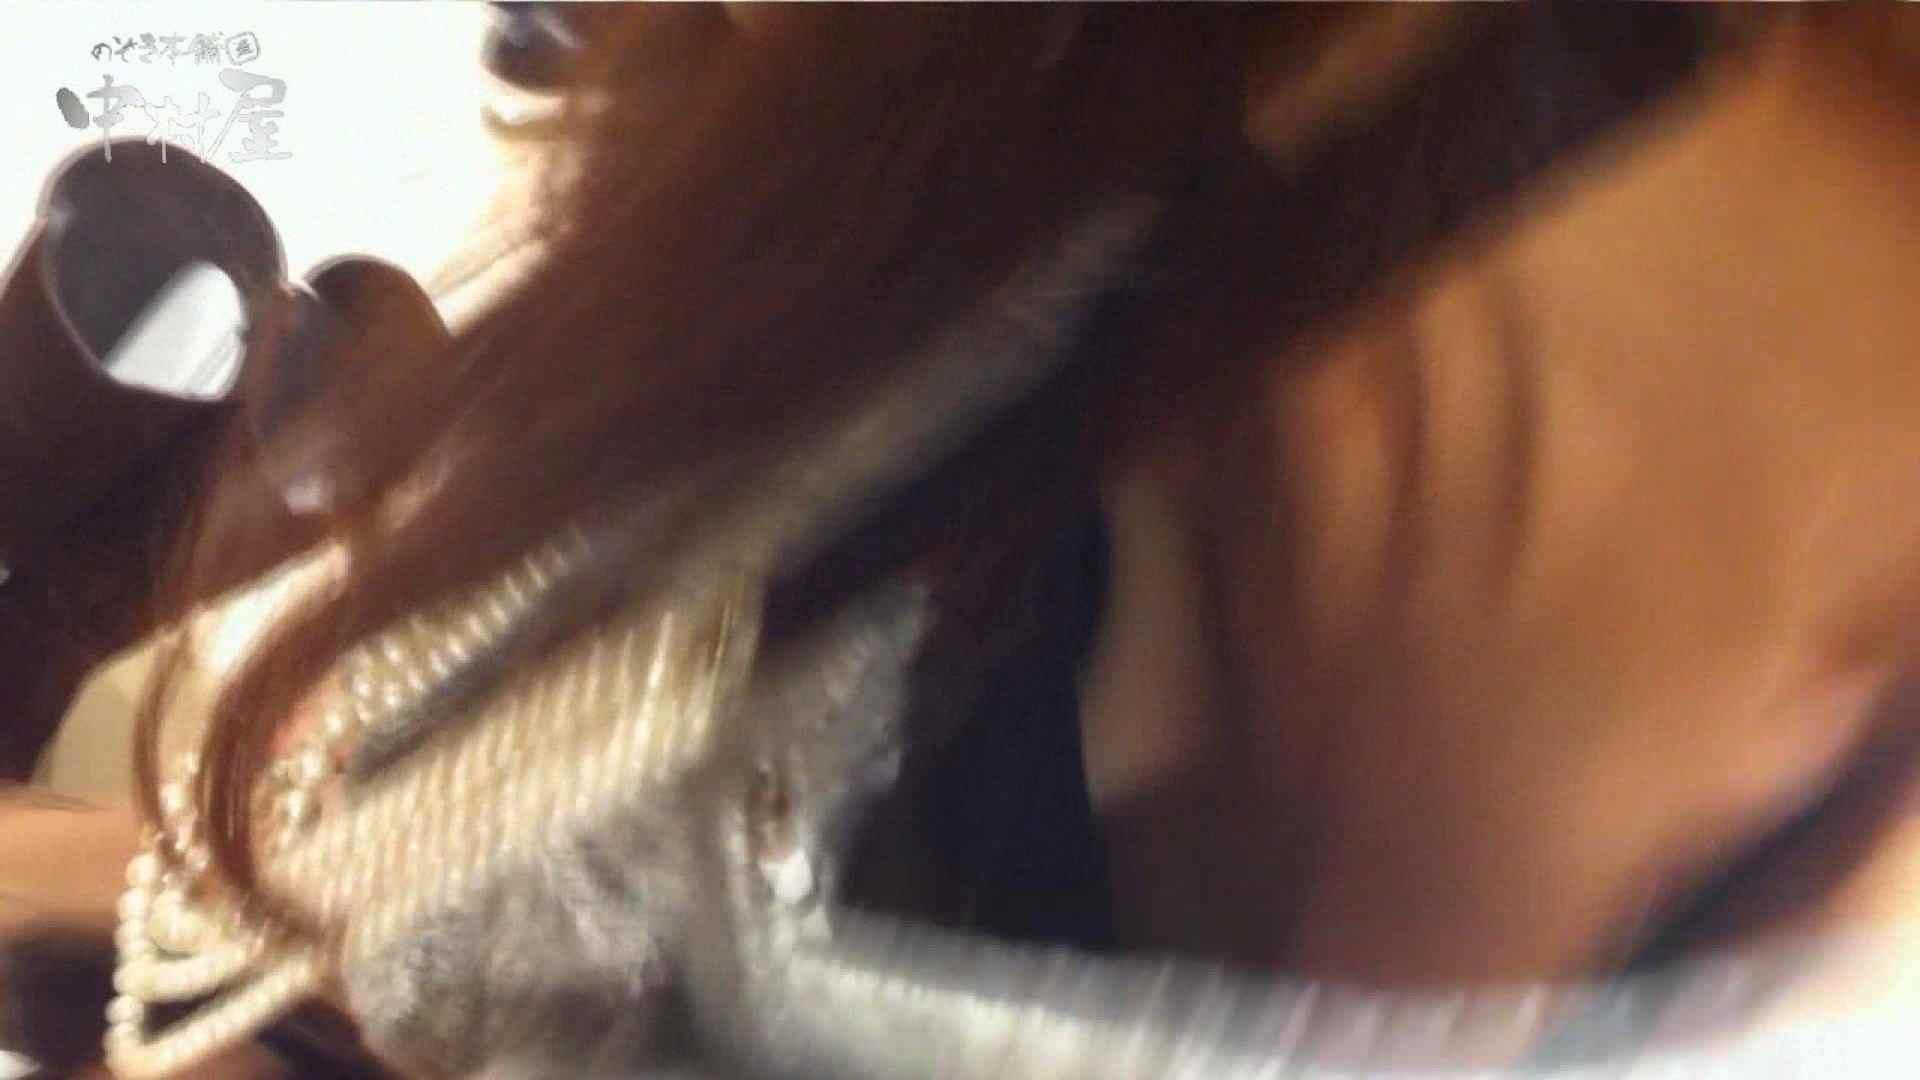 vol.74 美人アパレル胸チラ&パンチラ ブカブカセーターあざっす! チラ AV無料動画キャプチャ 93PIX 30